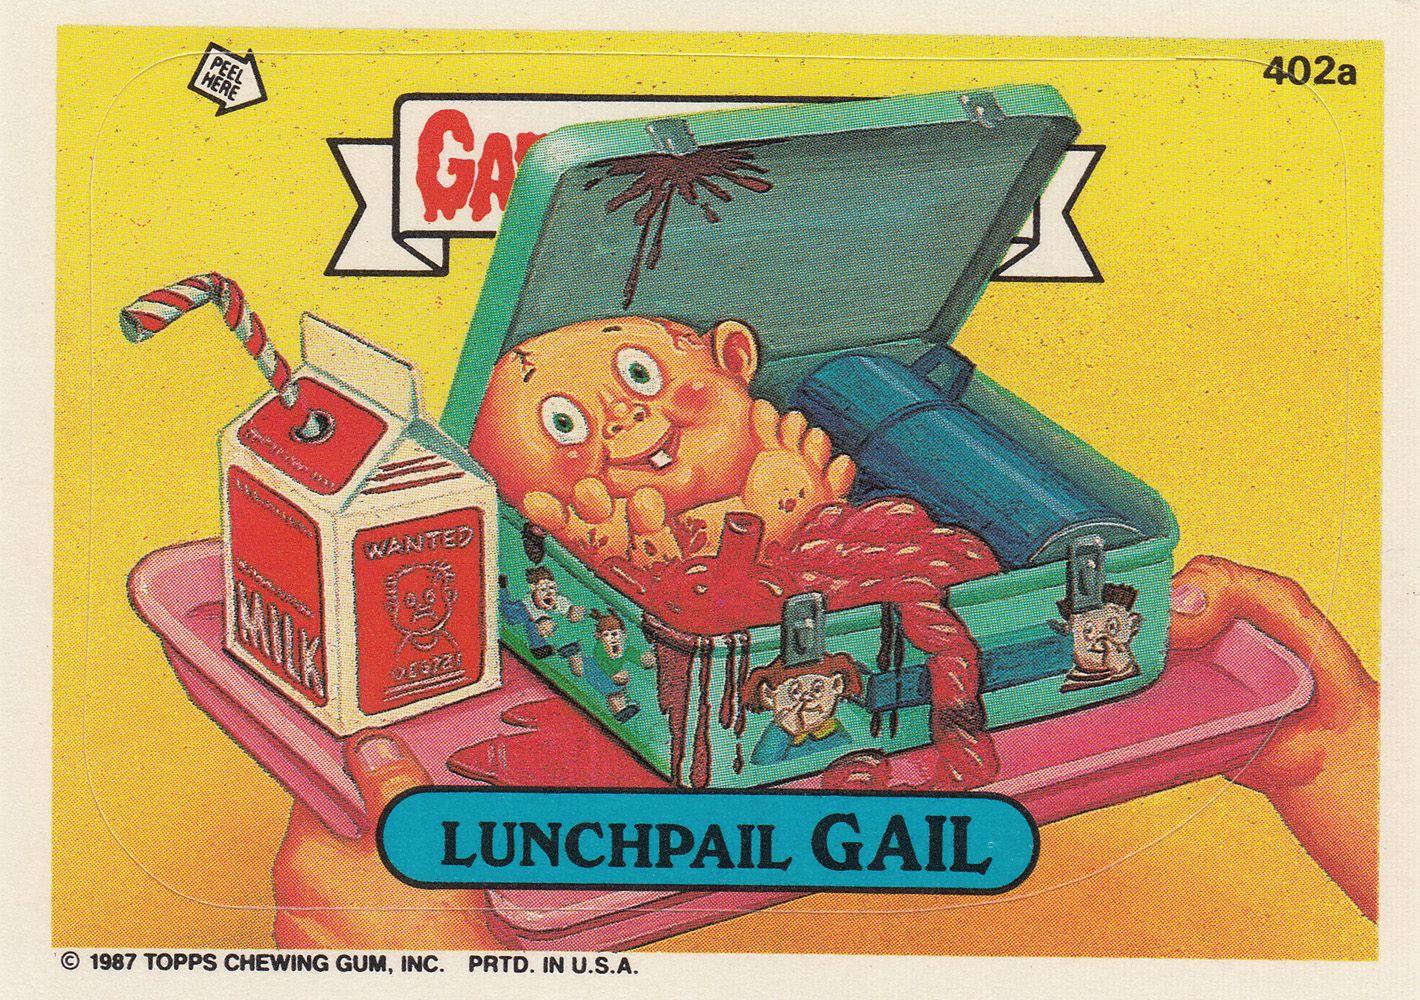 Garbage Pail Kids Series 10 (402a)- Lunchpail Gail